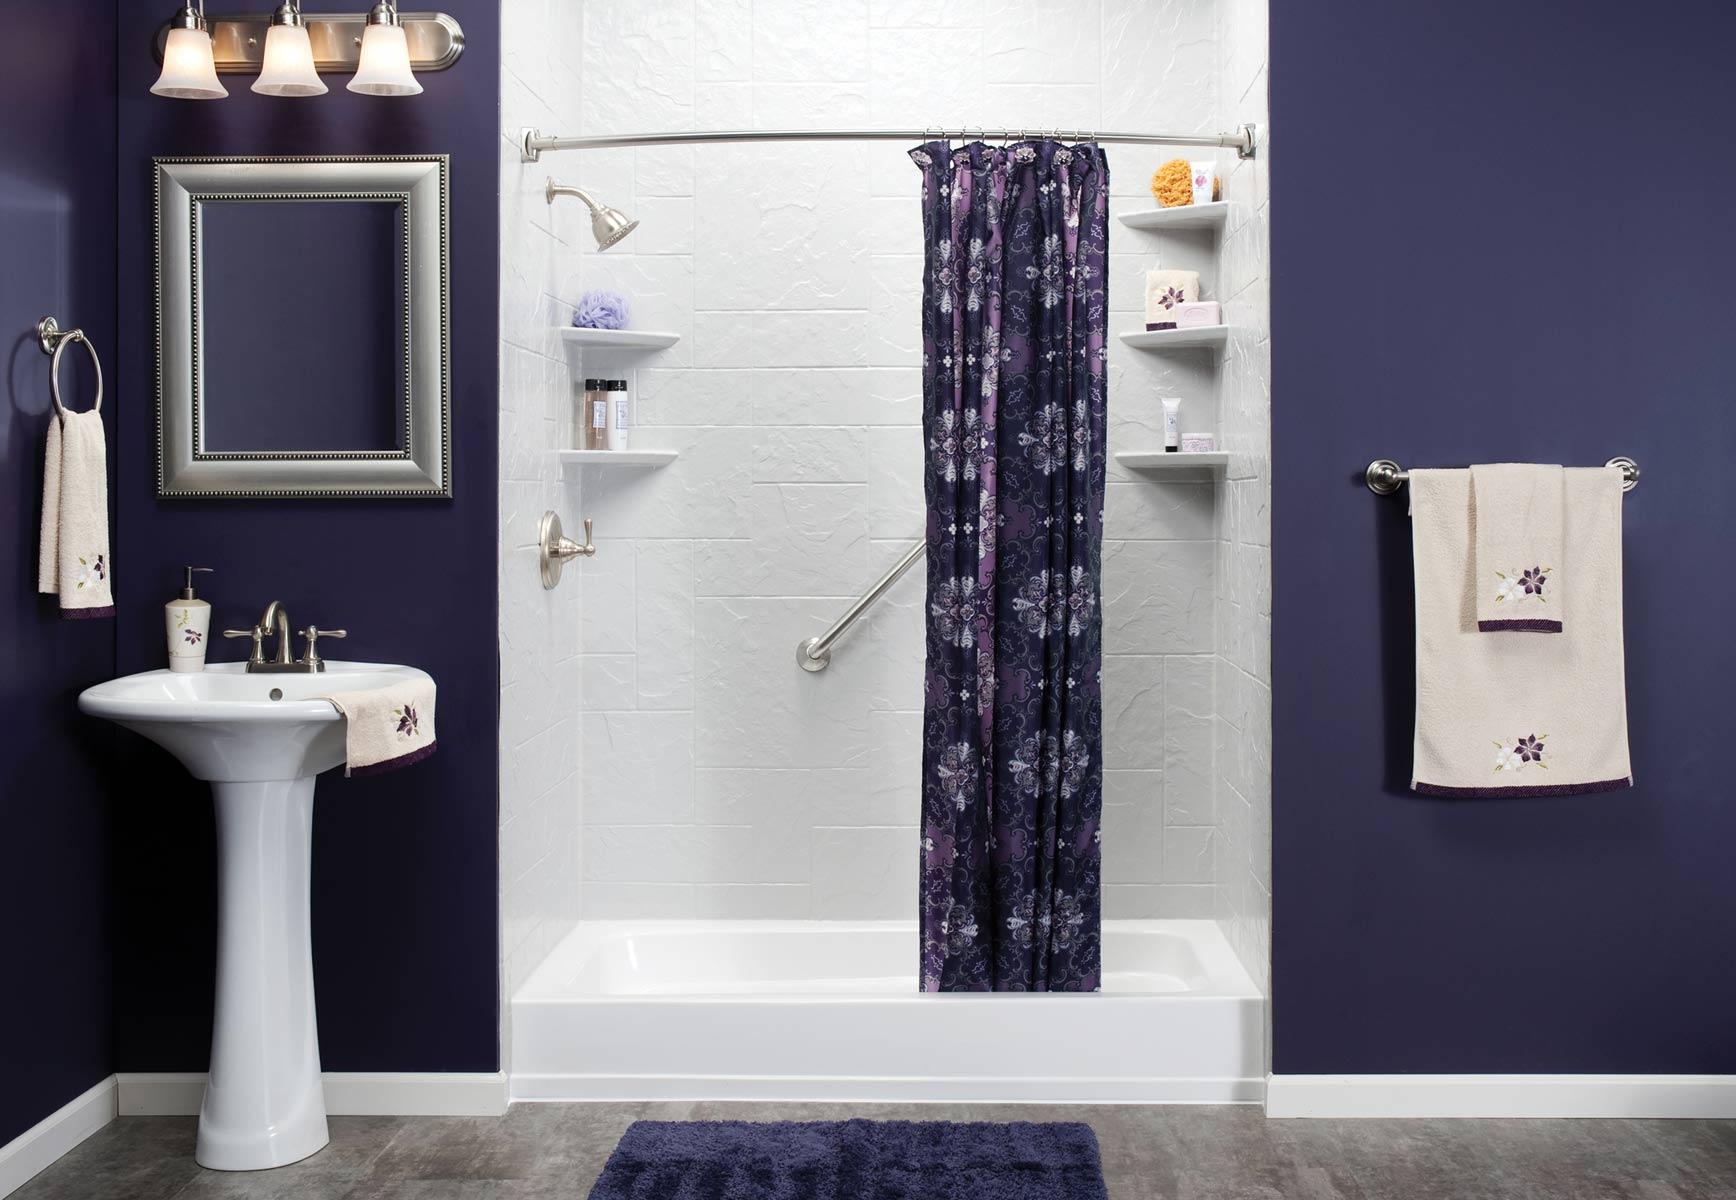 Bathroom Remodeling Cincinnati bathroom remodeling – the best in cincinnati home remodeling